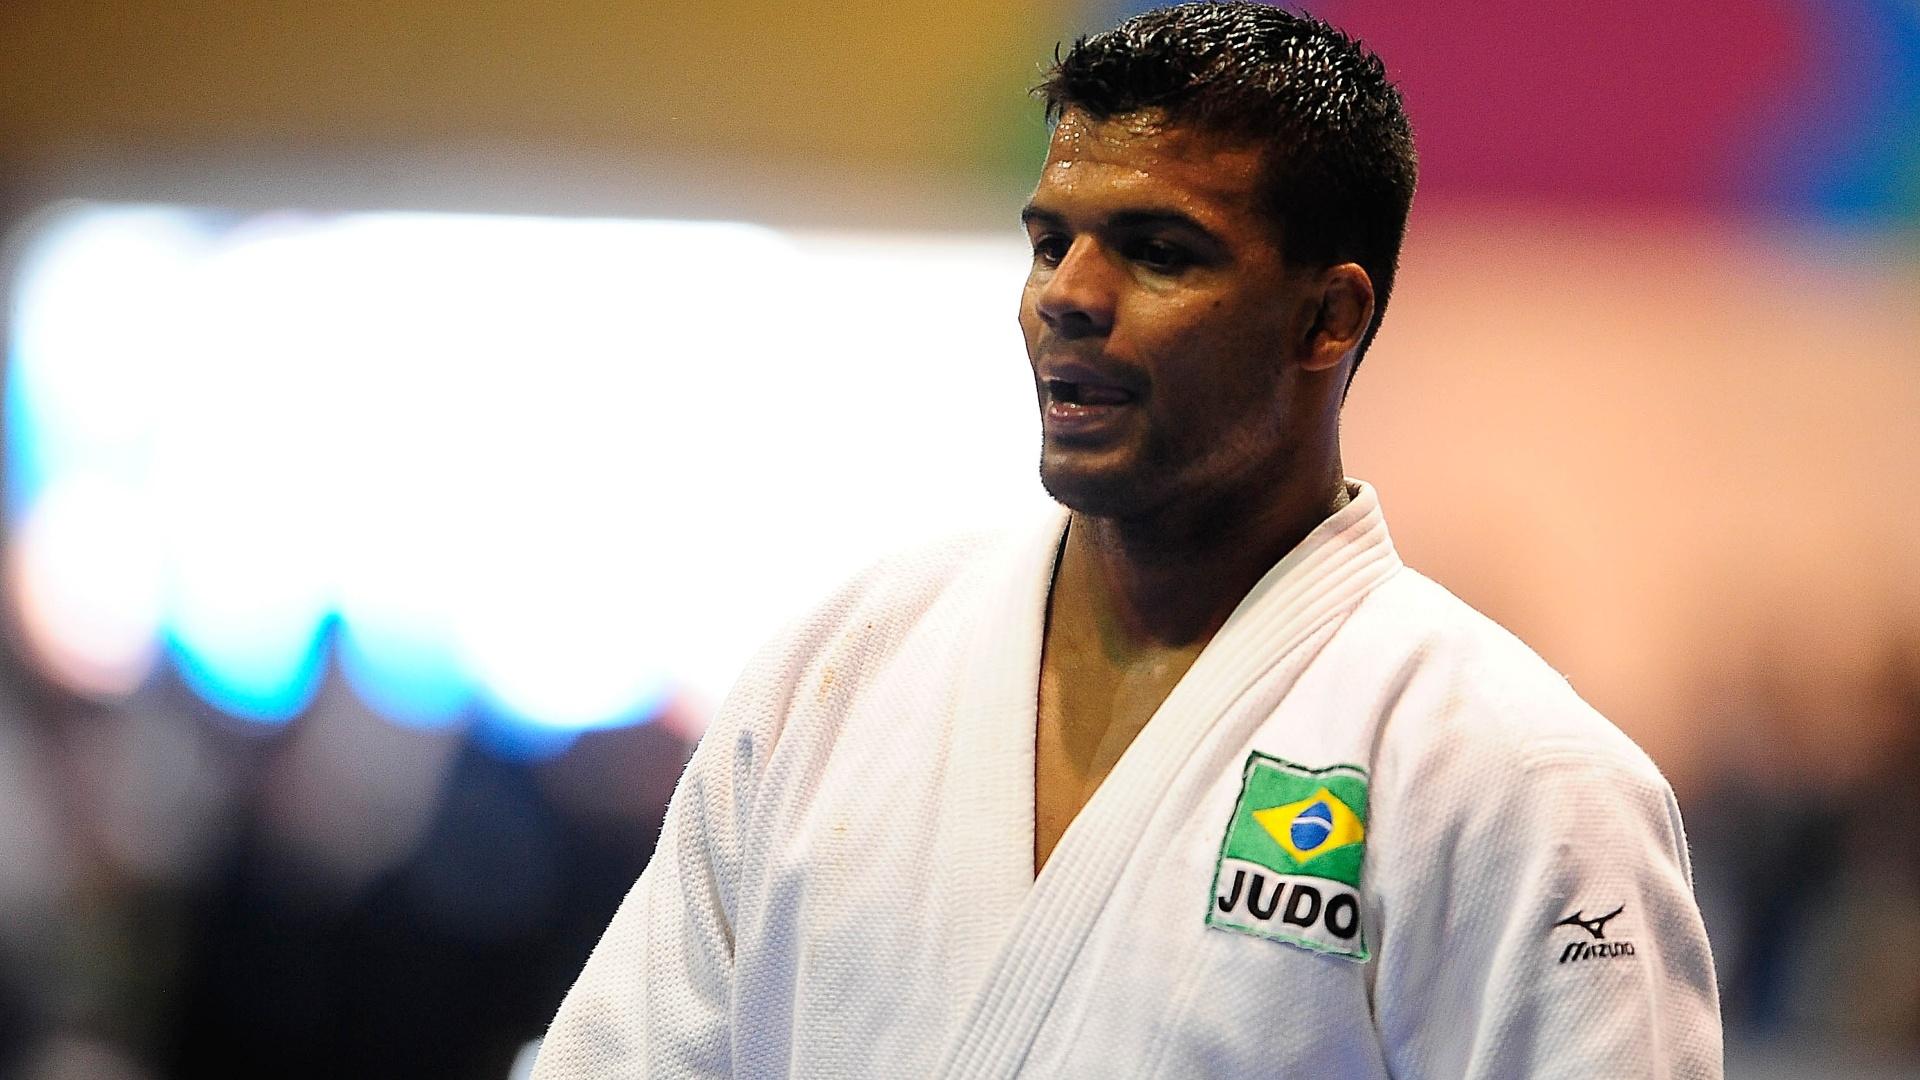 Luciano Correa conquista a medalha de ouro na categoria meio-pesado do judô no Pan de Guadalajara (26/10/2011)